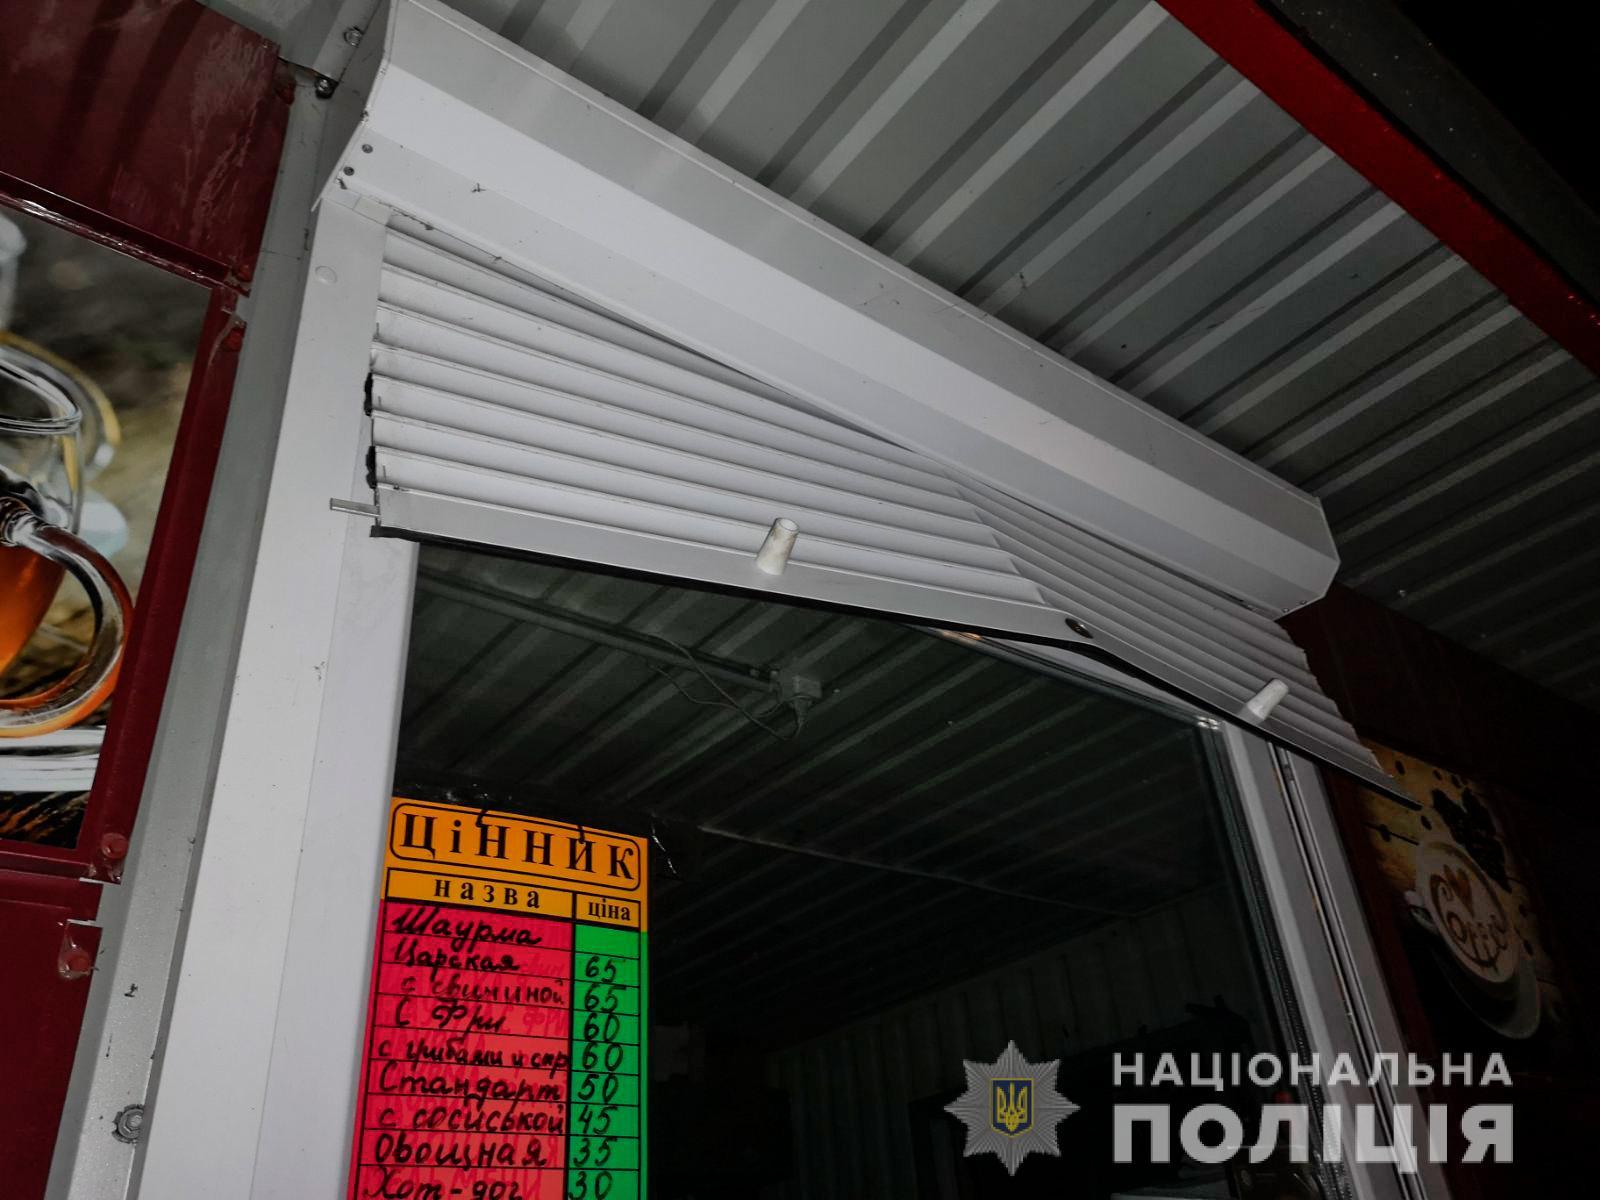 Обікрав магазин і підпалив школу: в Очакові підлітка затримали на крадіжці в кіоску